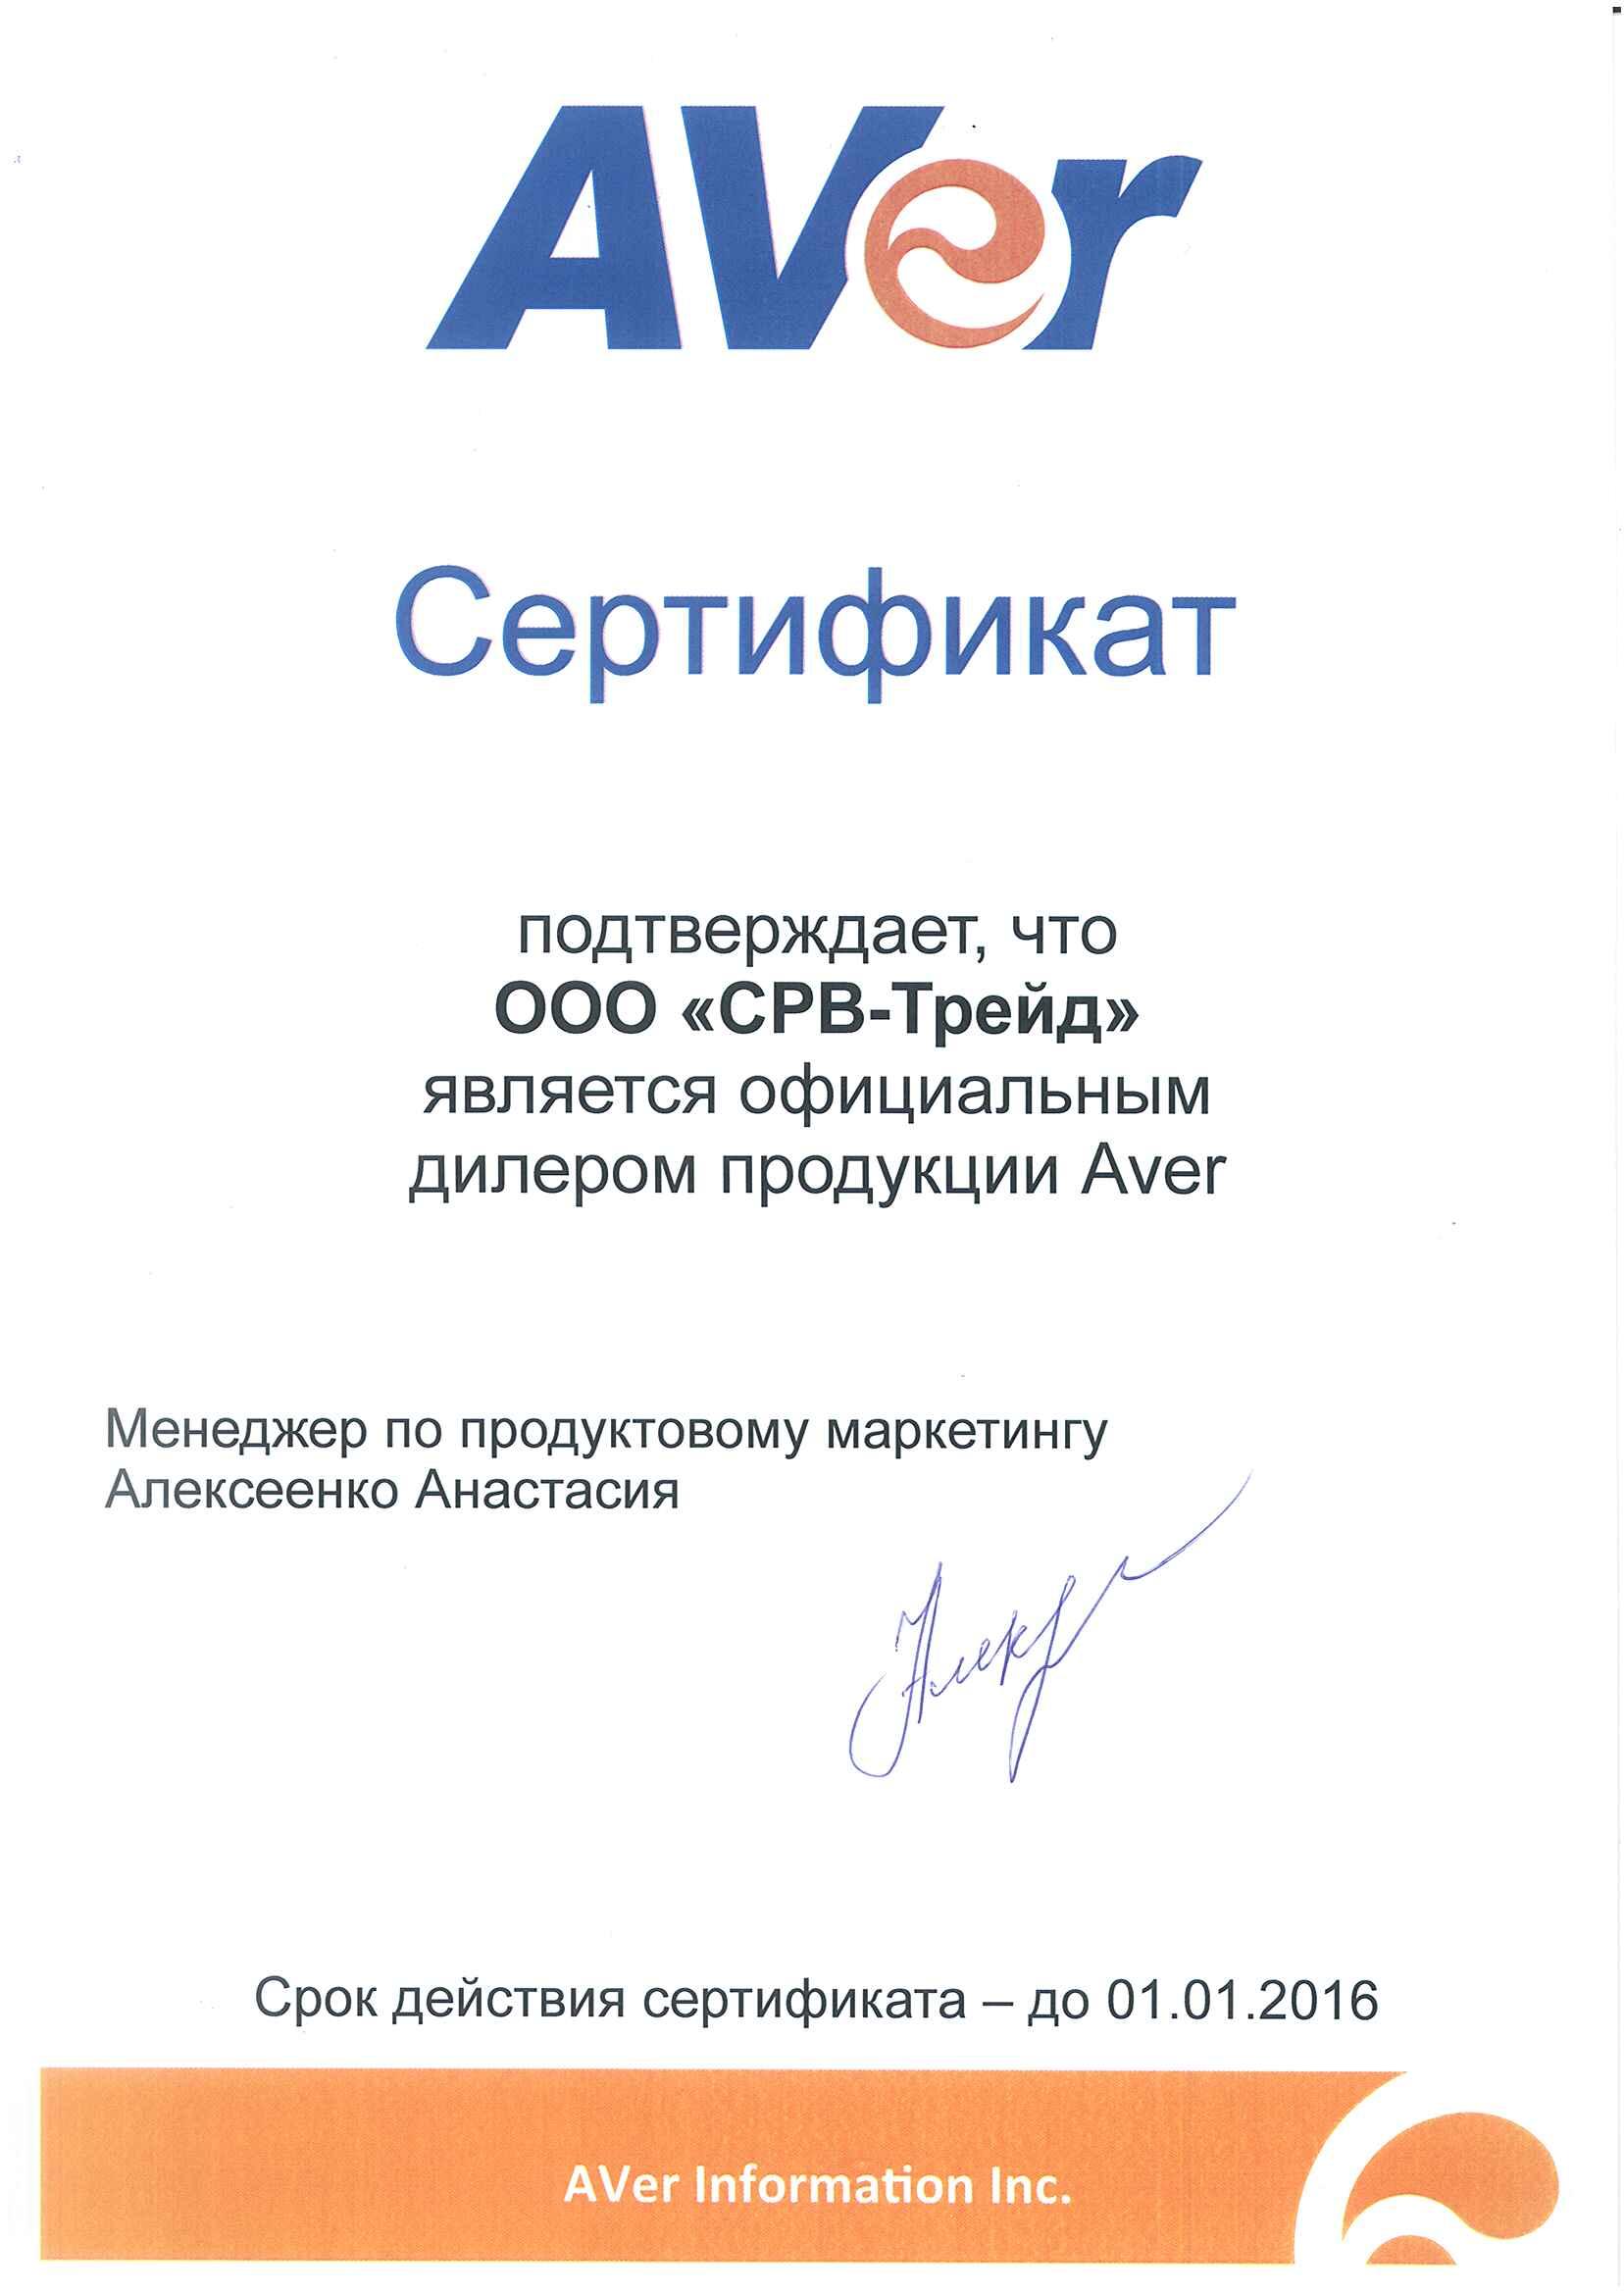 Сертификат дилера Aver